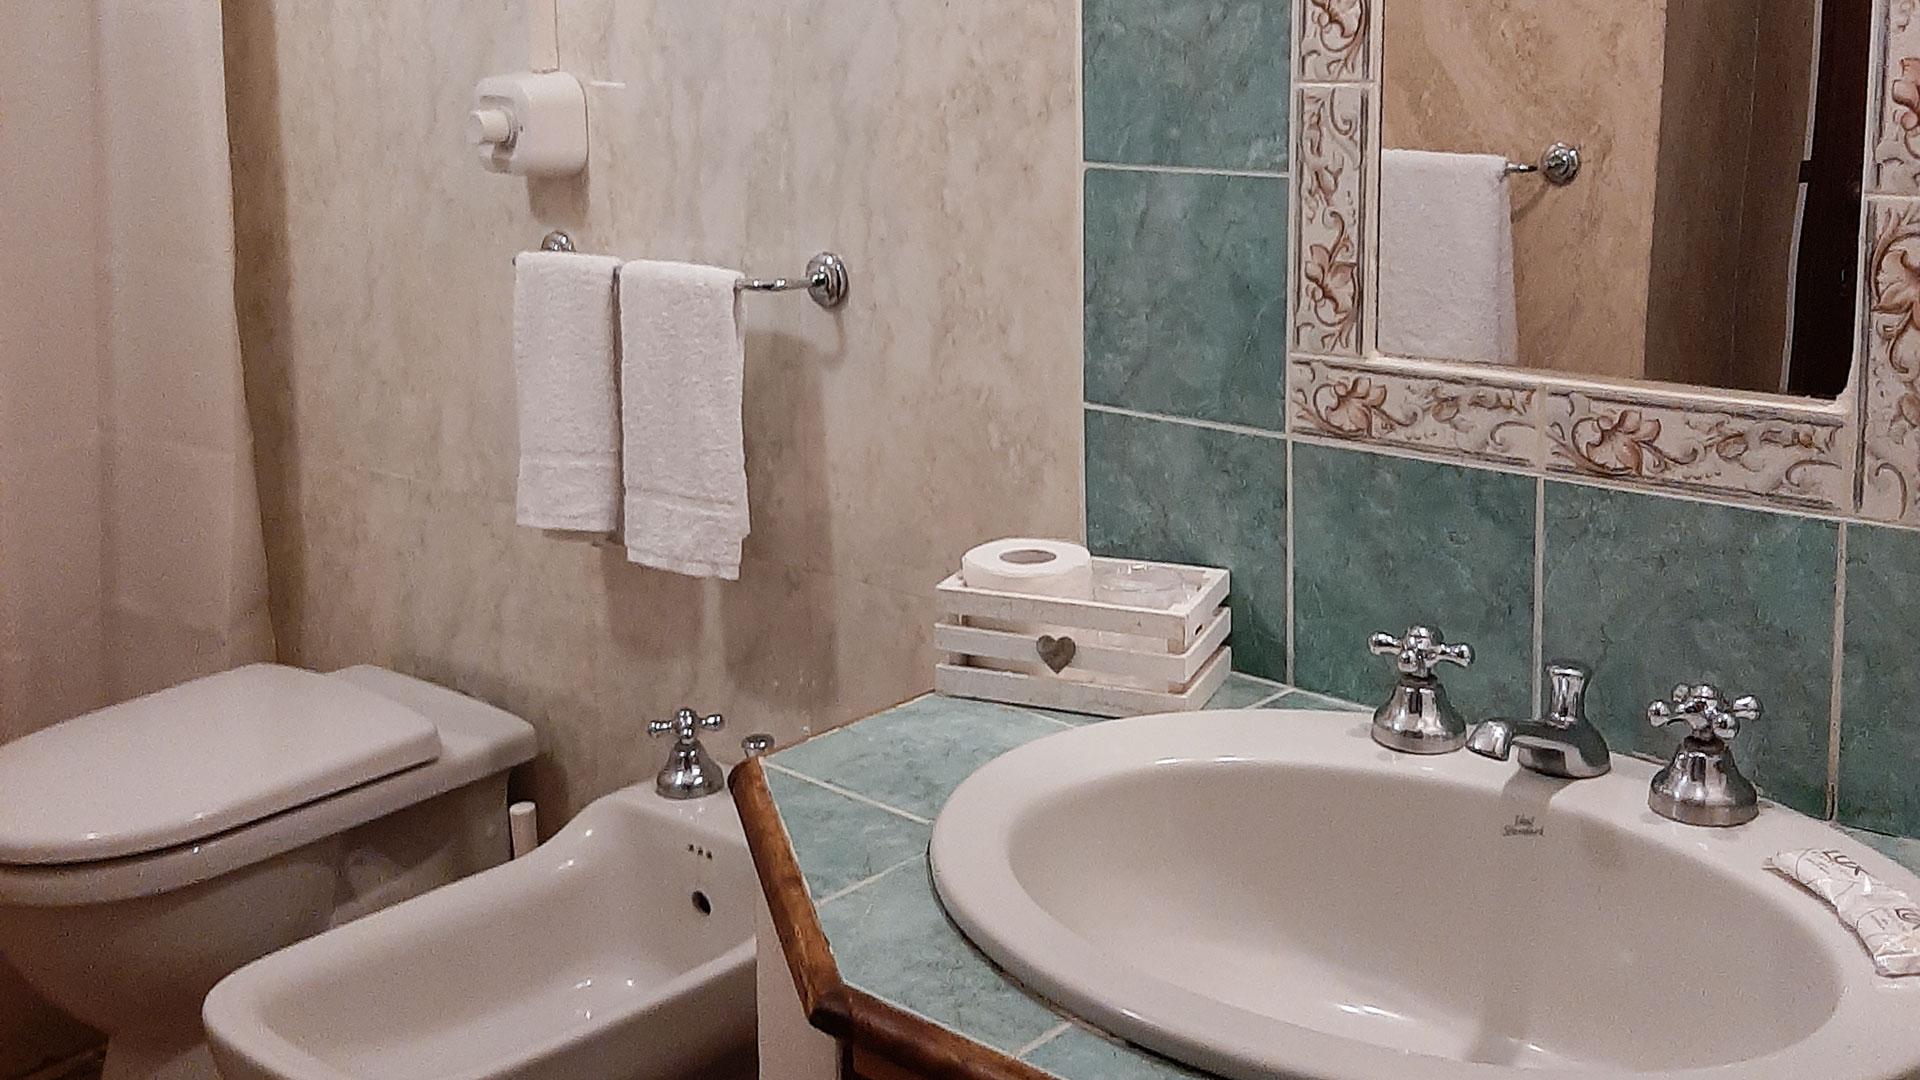 Le camere (bagno)